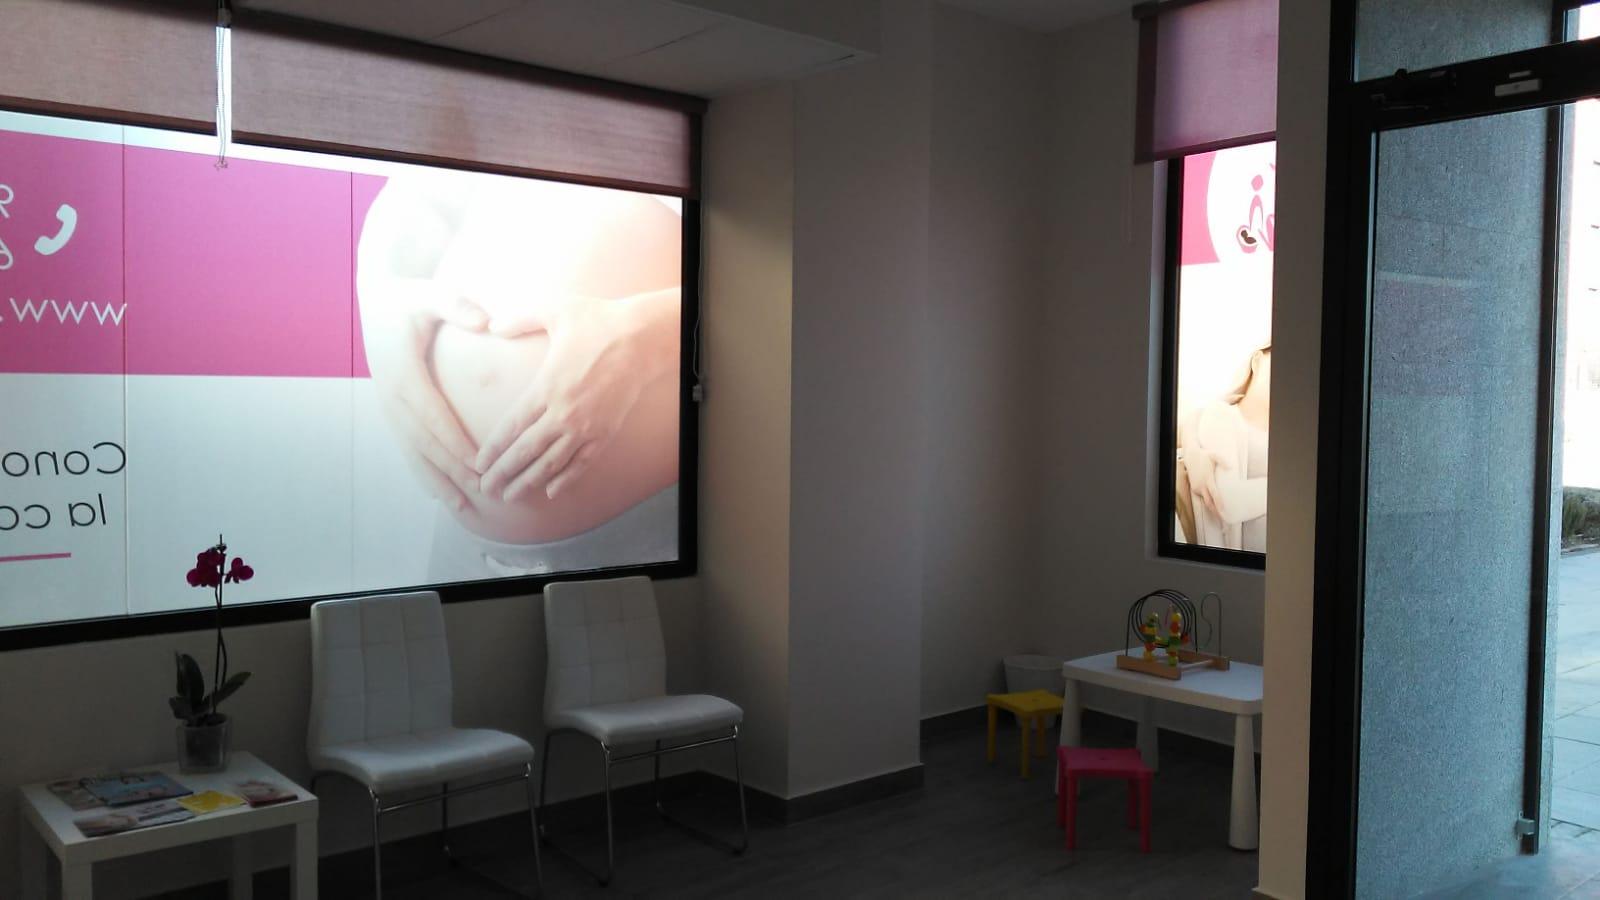 Sala de espera Hello Mami Ecografía 5D - Alcalá de Henares. Ecografías 5D en la Zona Norte y Corredor del Henares, Avenida Víctimas del Terrorismo, Alcalá de Henares, España